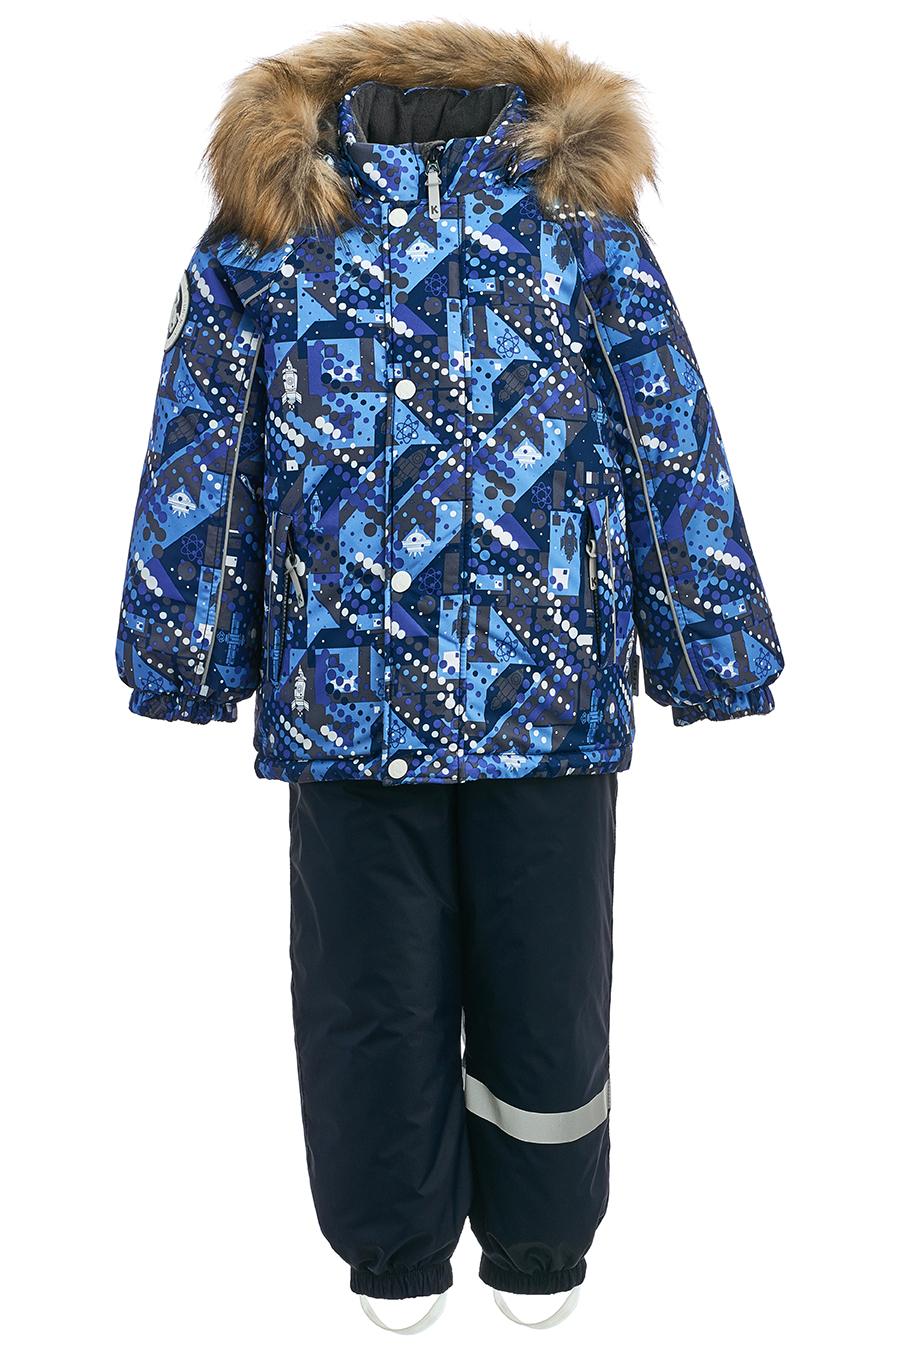 Купить Комплект для малышей, отделка искусственный мех, МОСМЕХА, синий, Полиэстер, 6100030